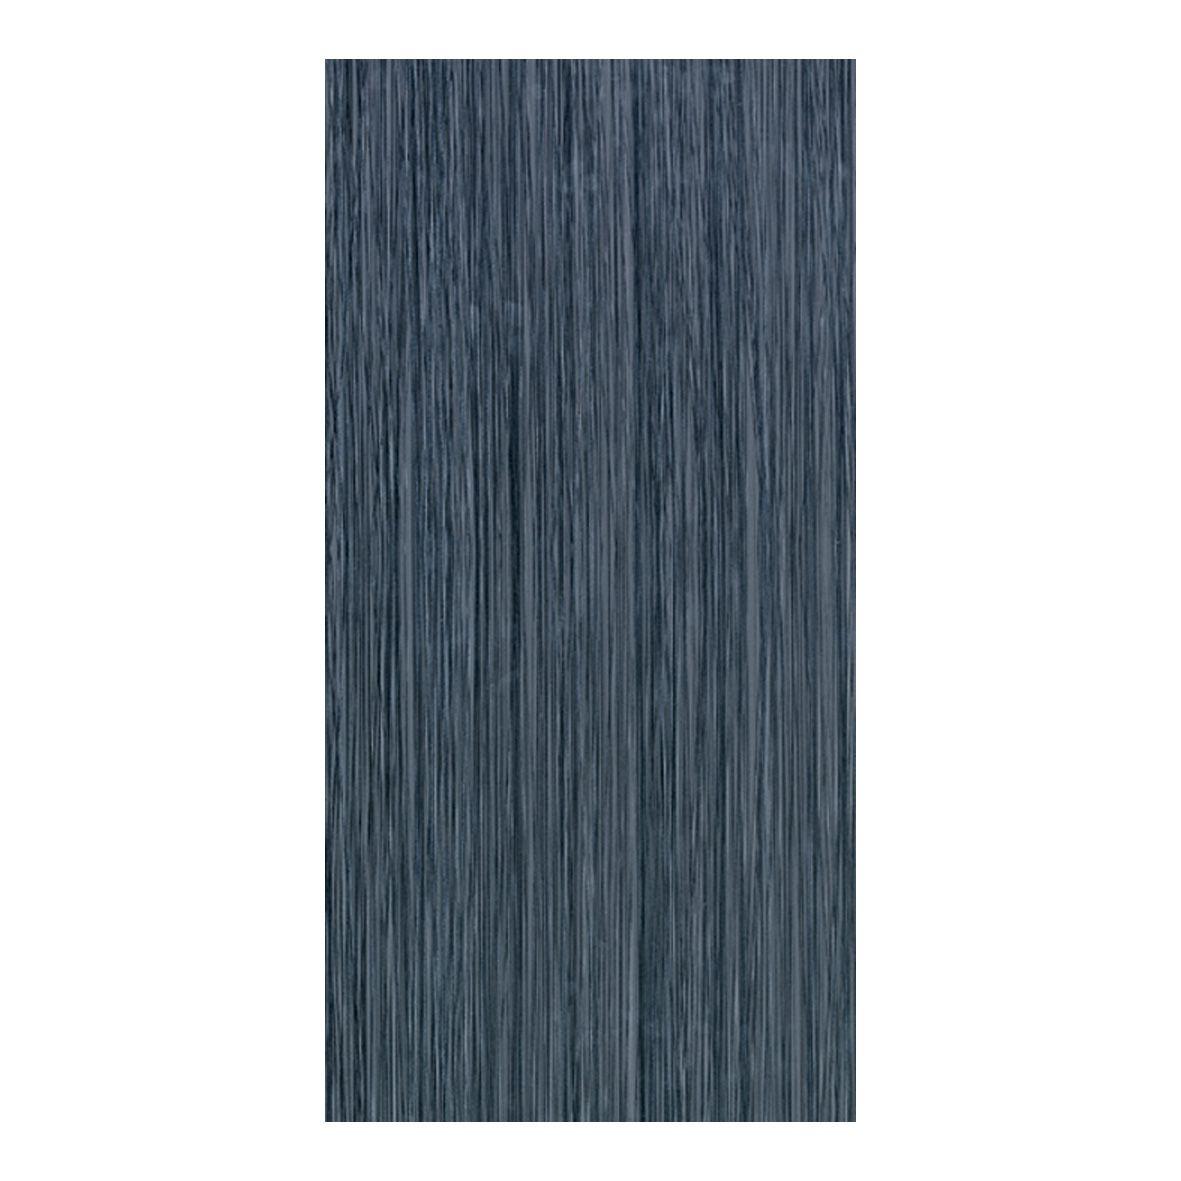 Vitra elegant antrasit bathroom kitchen wall tiles gemini vitra elegant antrasit bathroom kitchen wall tiles gemini tiles doublecrazyfo Choice Image